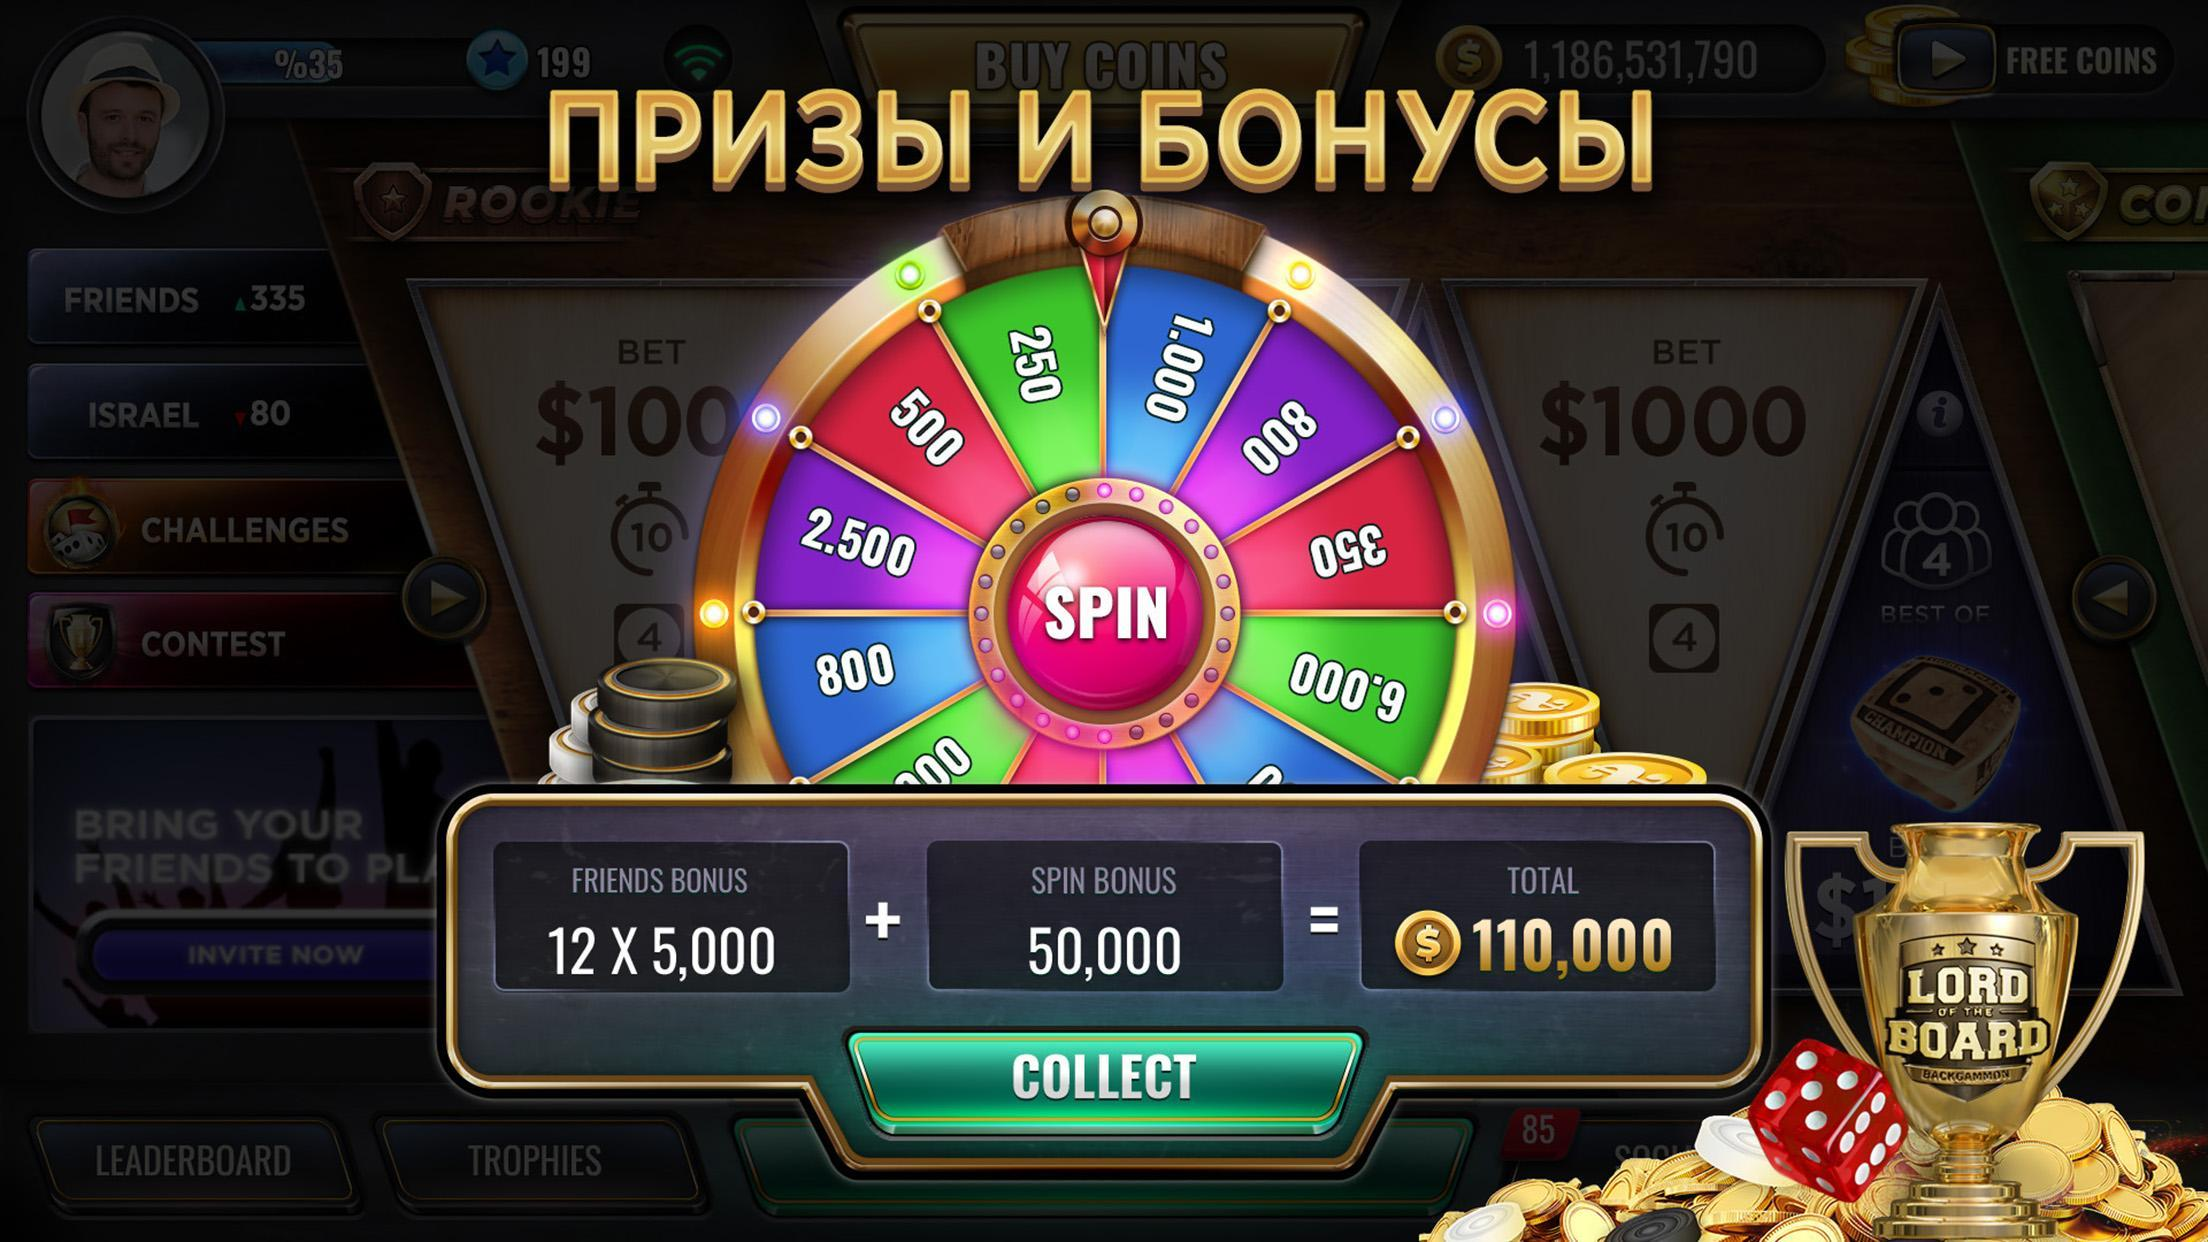 Онлайн казино фараон царство азарта